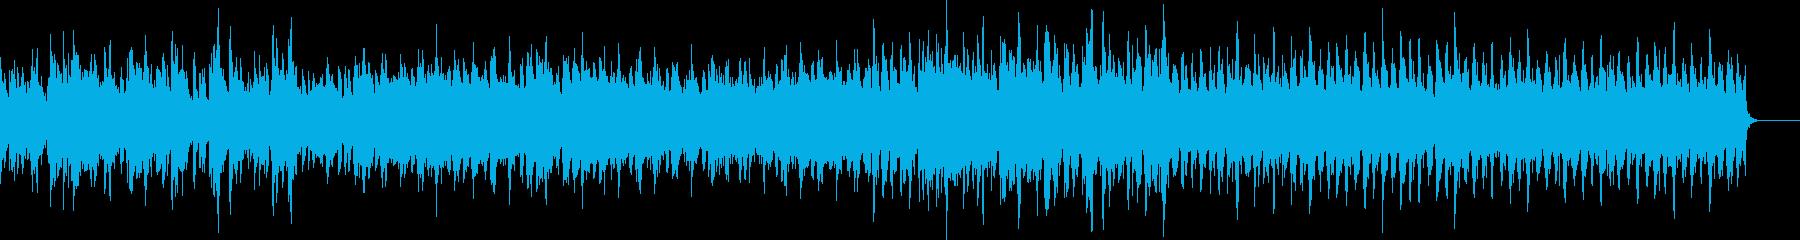 軽快でおしゃれなバックミュージック♪の再生済みの波形